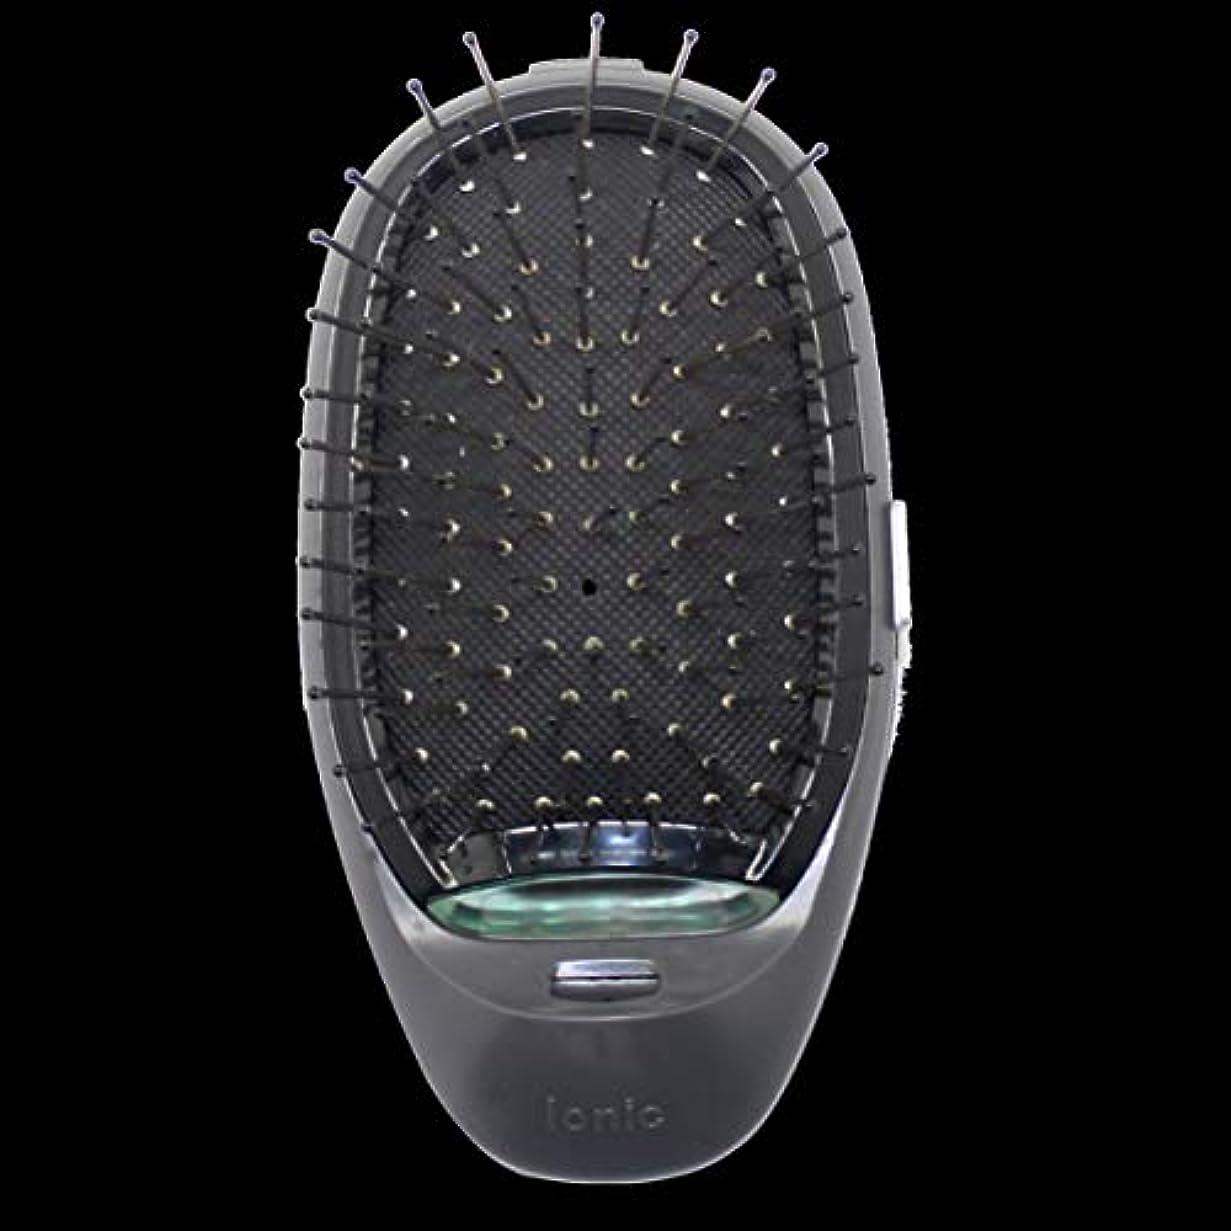 結核アイデア給料電動マッサージヘアブラシミニマイナスイオンヘアコム3Dインフレータブルコーム帯電防止ガールズヘアブラシ電池式 - ブラック